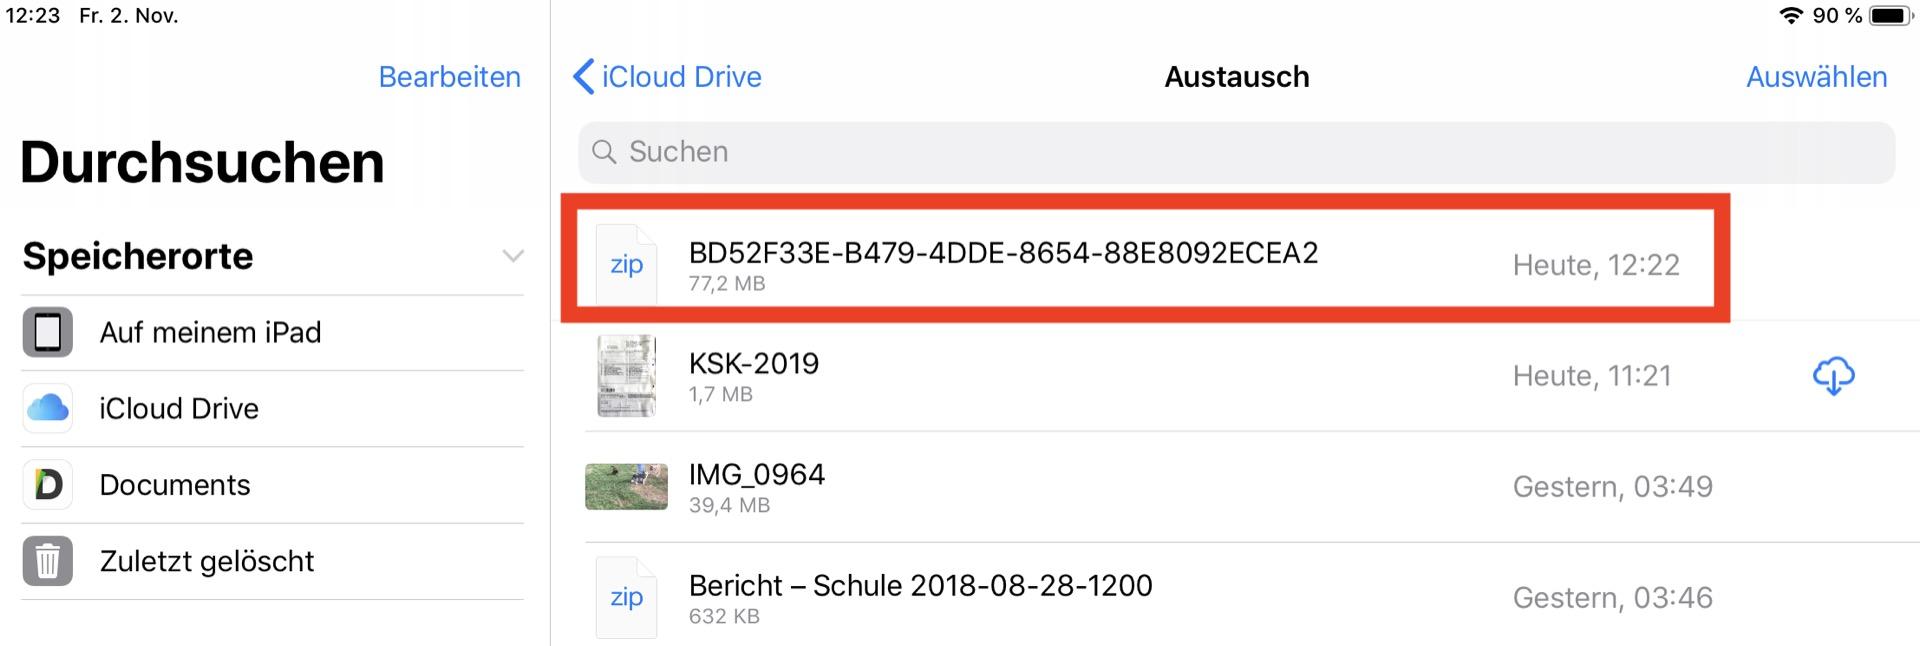 Fertig: Das ZIP liegt im iCloud-Drive und kann von dort aus weiter verwendet werden.